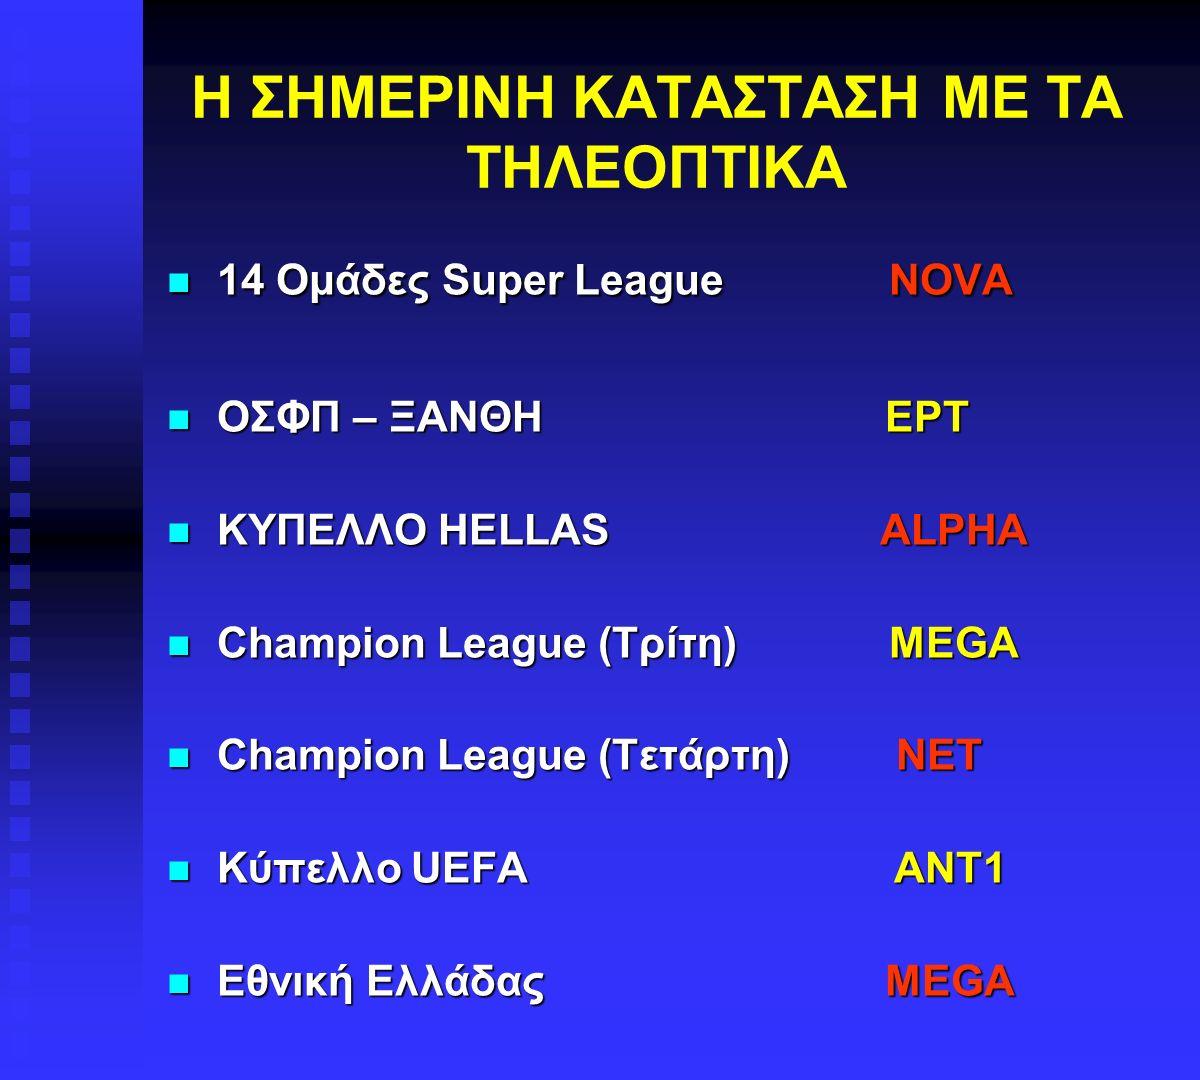 ΕΥΡΩΠΑΙΚΟΙ ΑΓΩΝΕΣ  Στους Ευρωπαϊκούς αγώνες οι ομάδες μπορούν να διαπραγματεύονται με τα διάφορα κανάλια τις συμφωνίες.